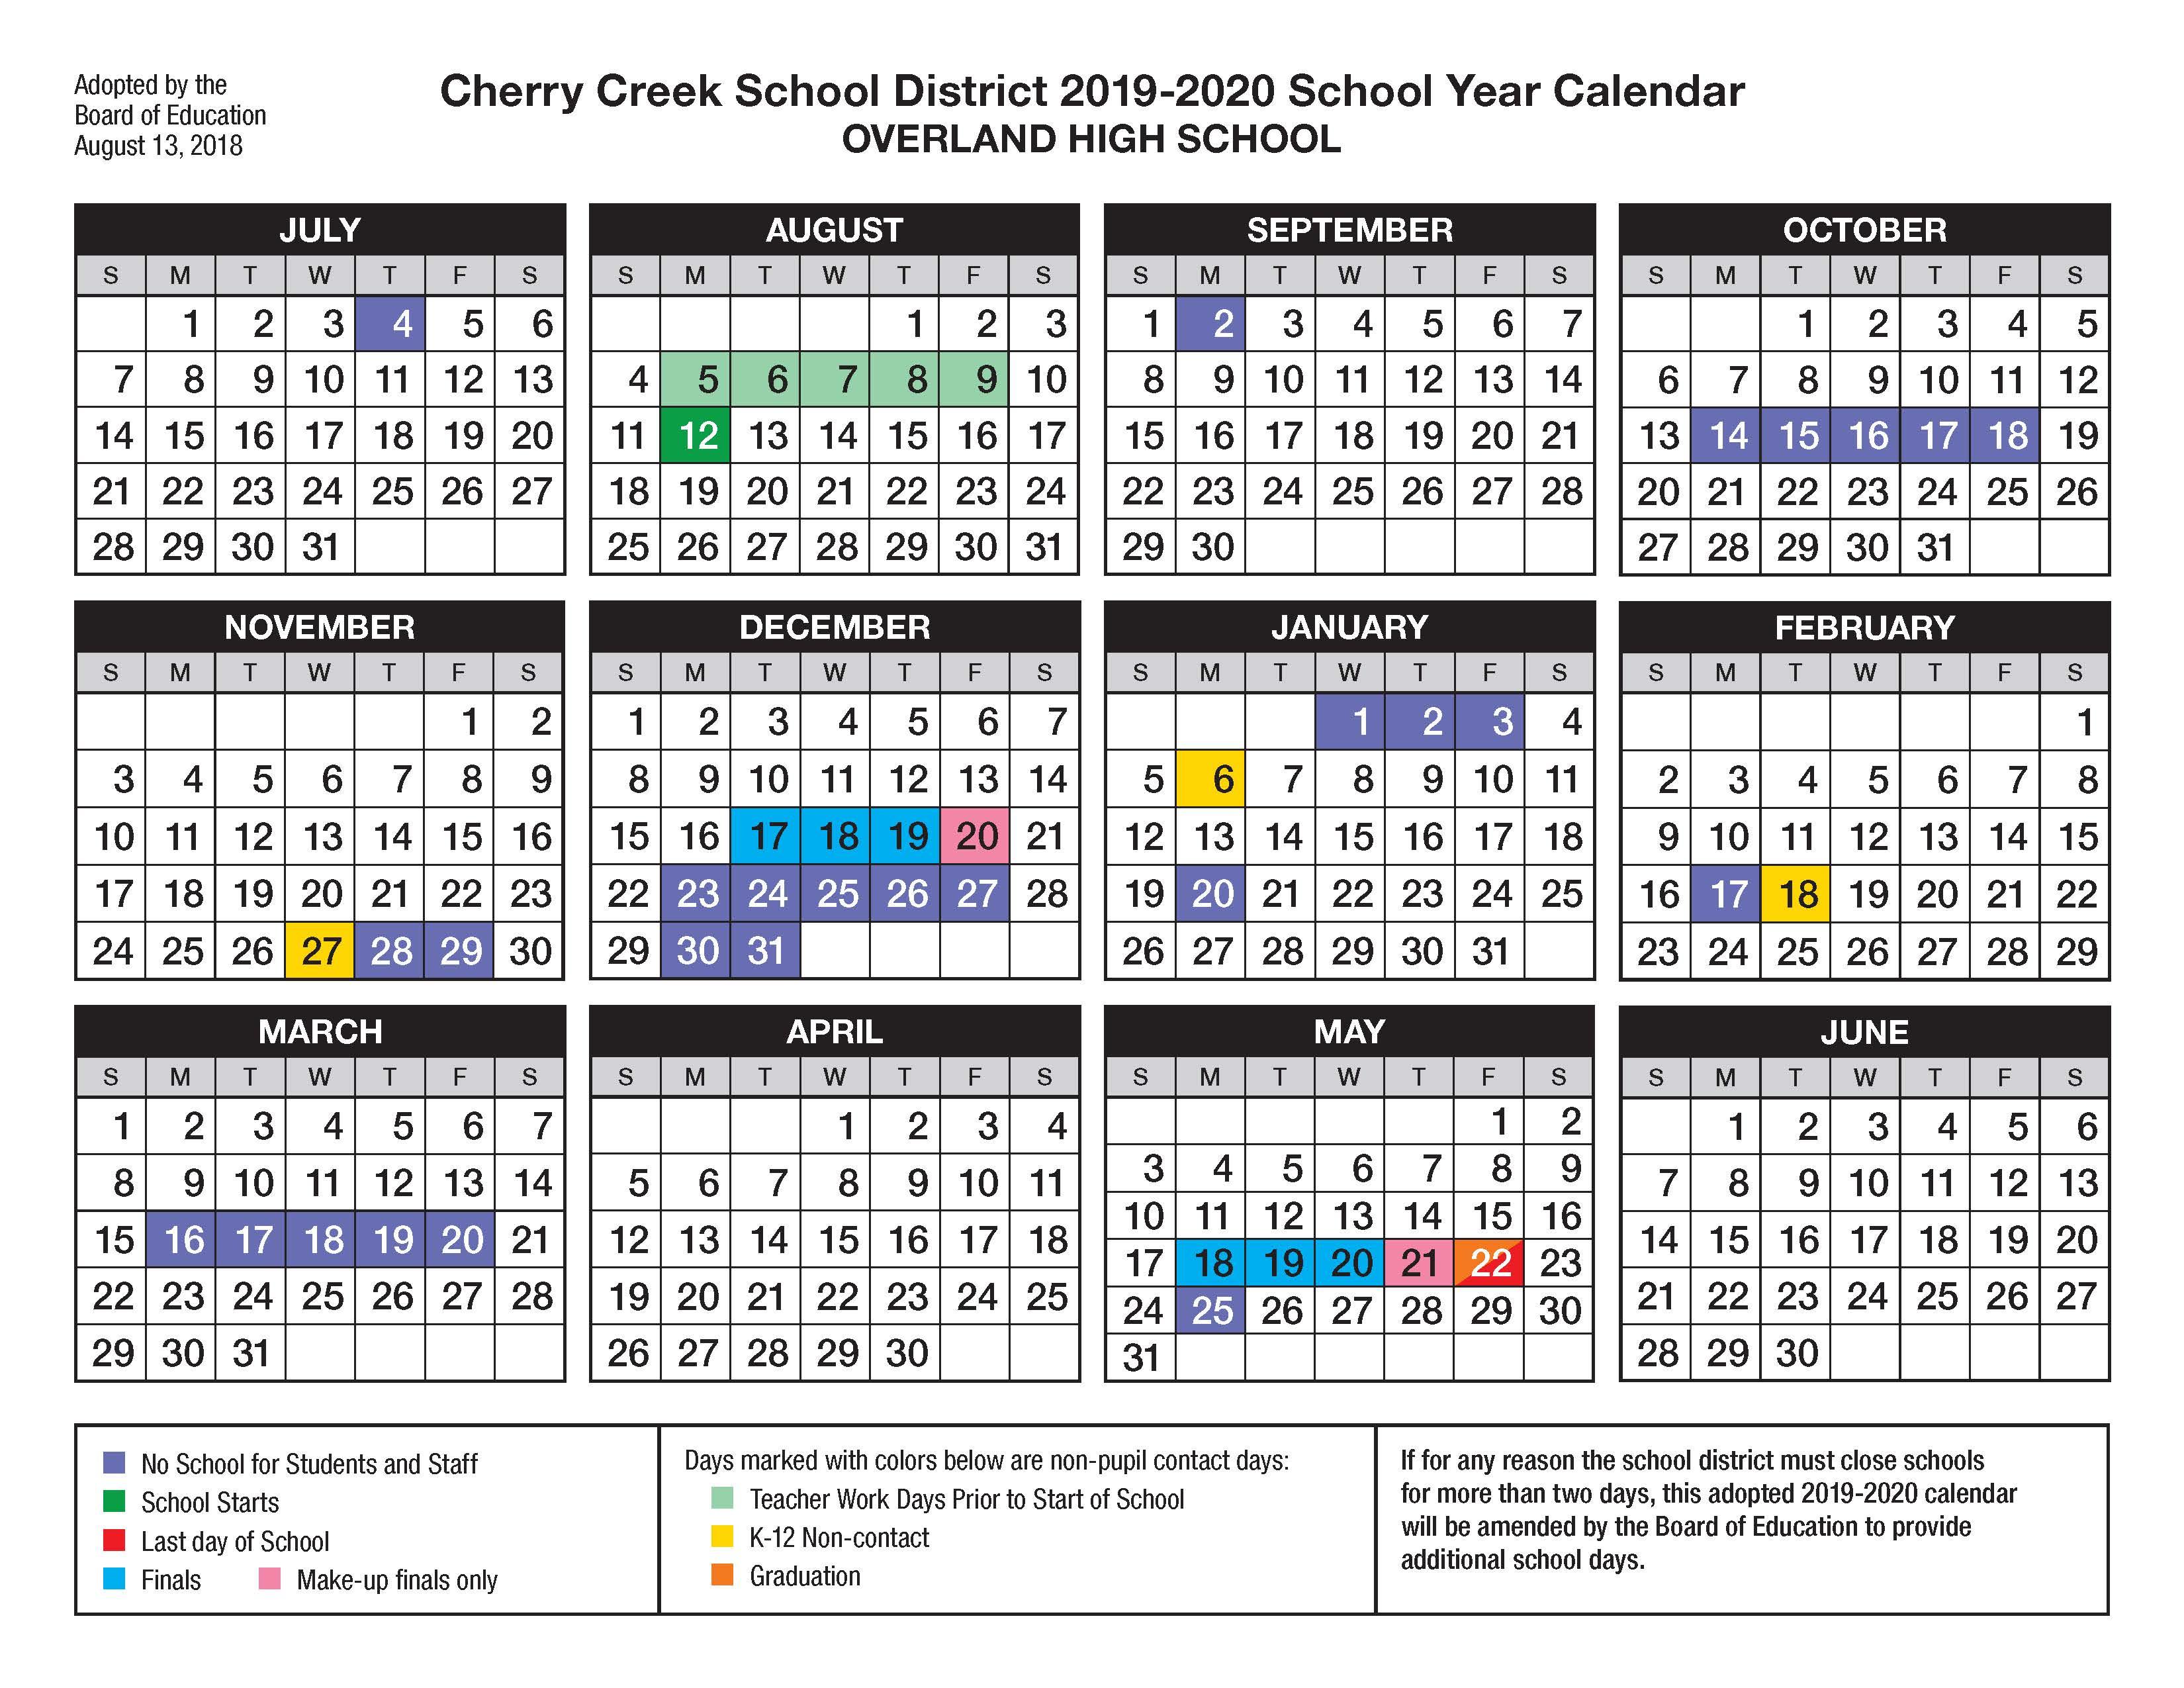 Overland High School / Calendar Inside East Meadow School District Calendar